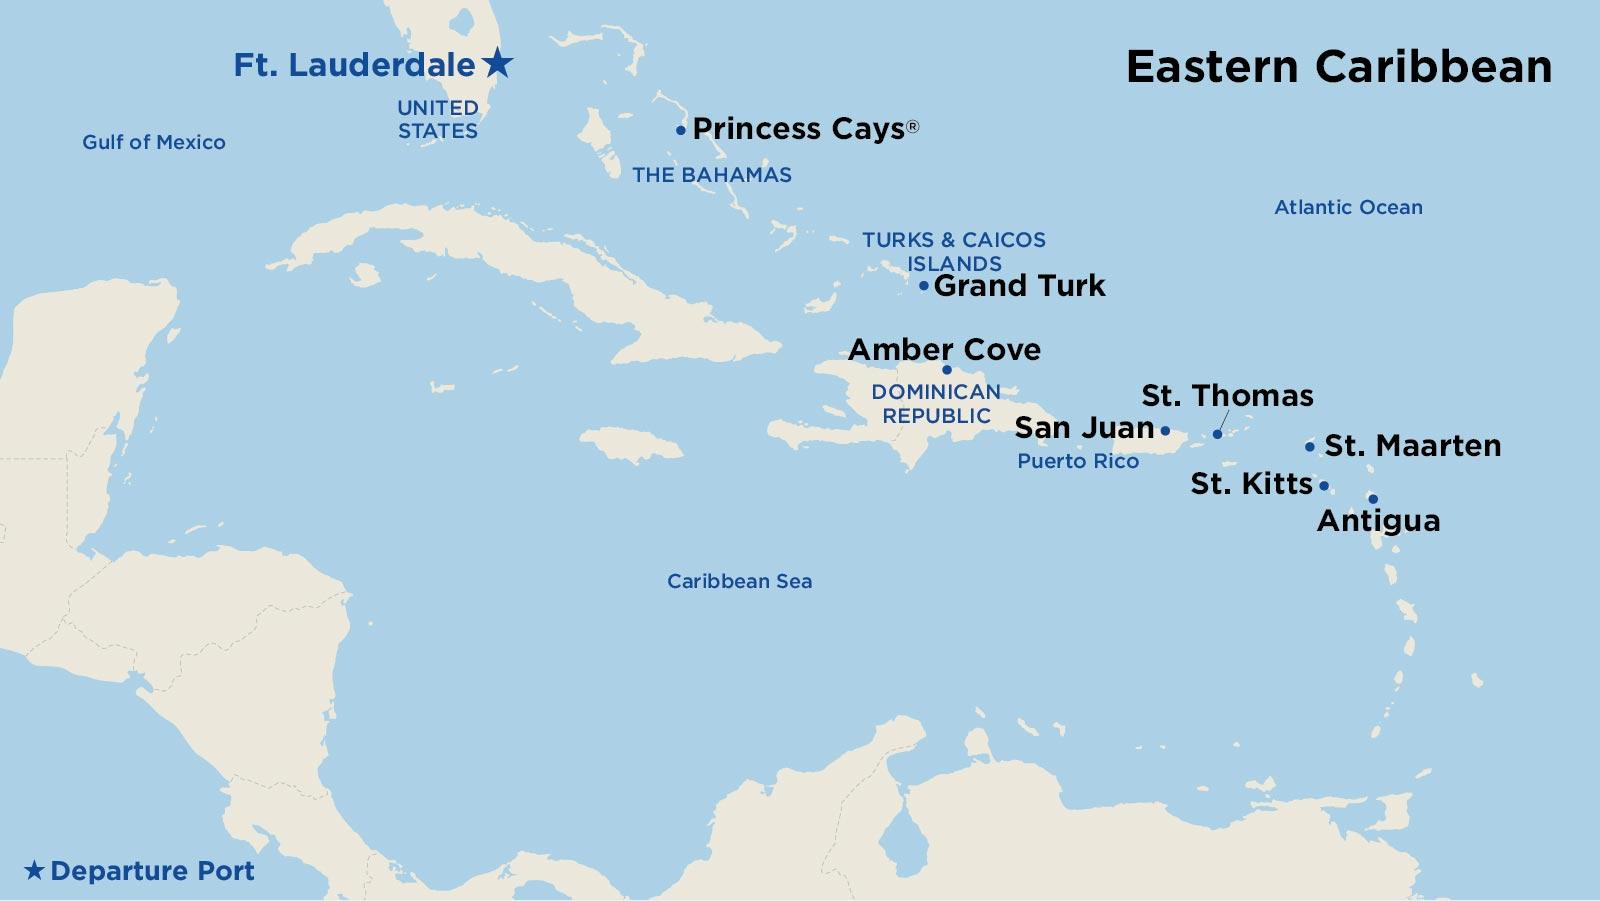 Caribbean Cruises | Caribbean Vacations | Carnival Cruise Line  |Caribbean Cruise Destinations